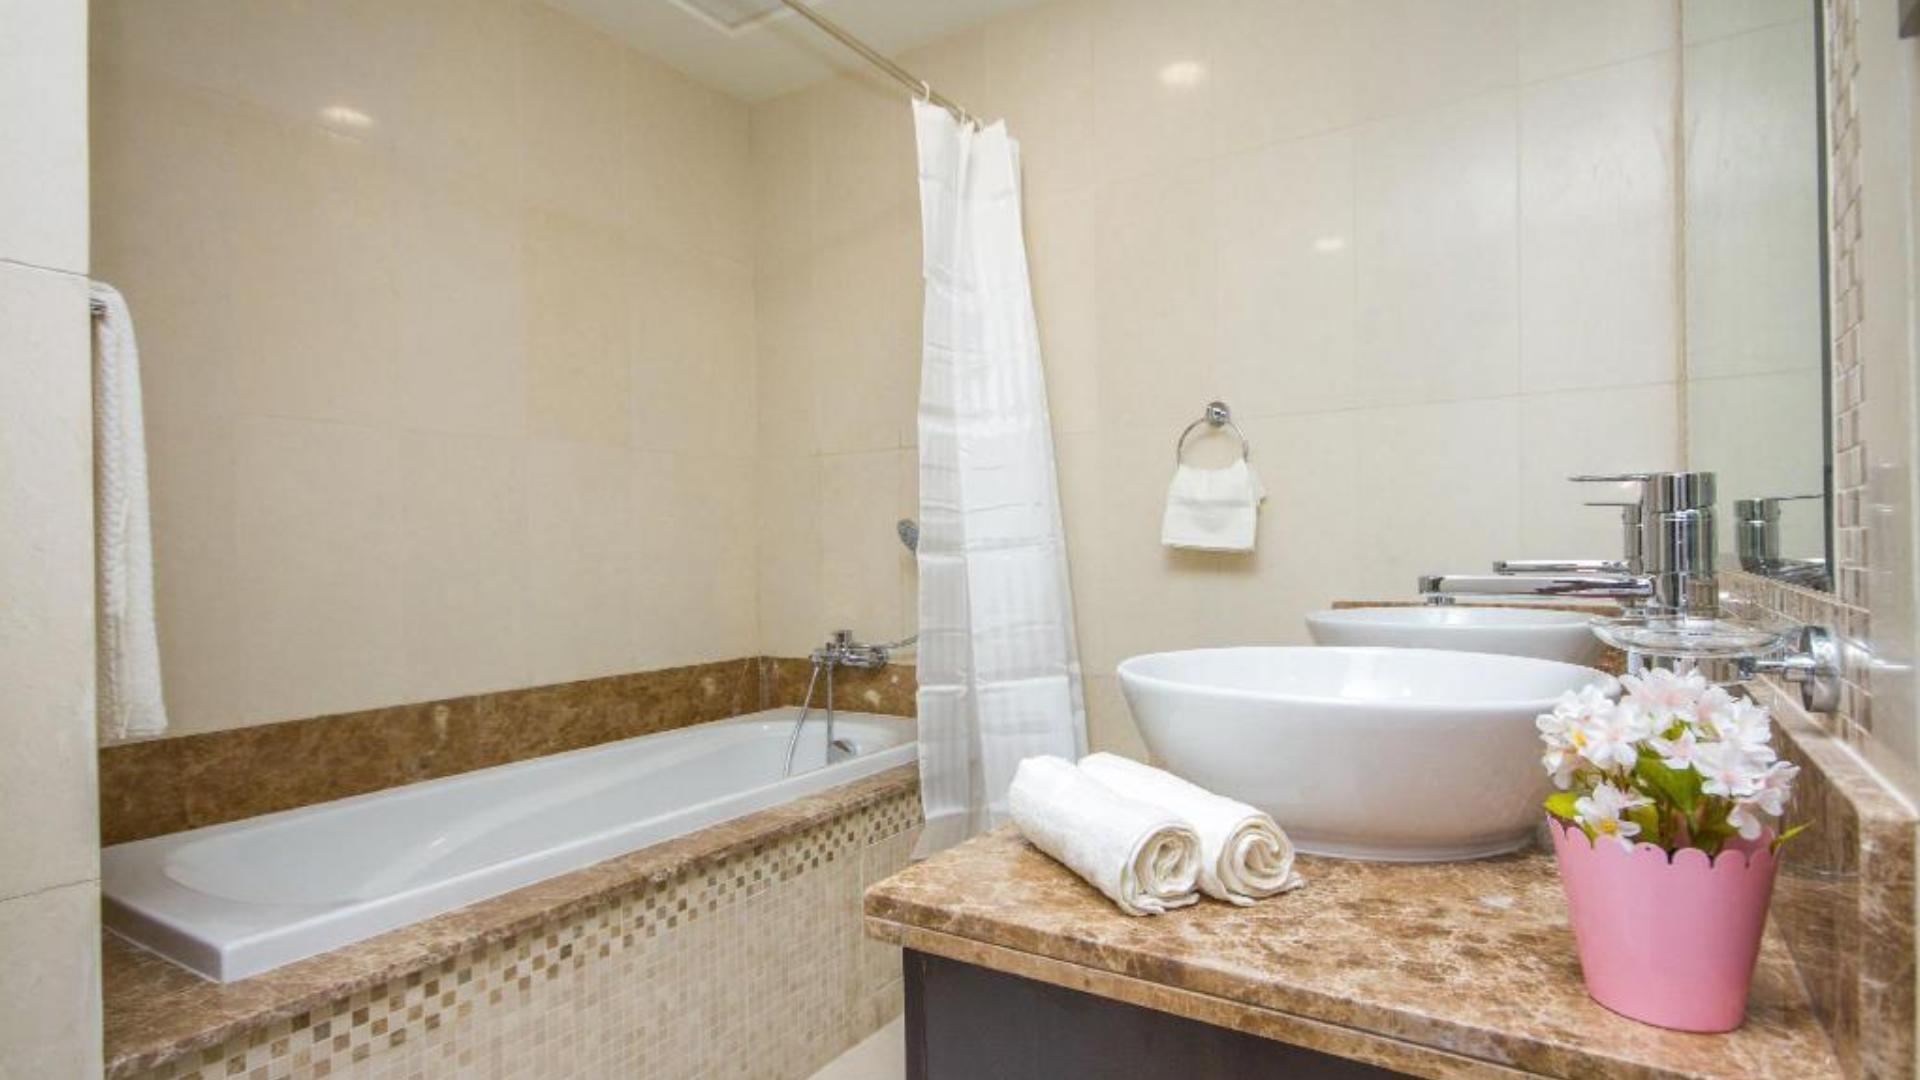 Adosado en venta en Dubai, EAU, 4 dormitorios, 770 m2, № 24471 – foto 2